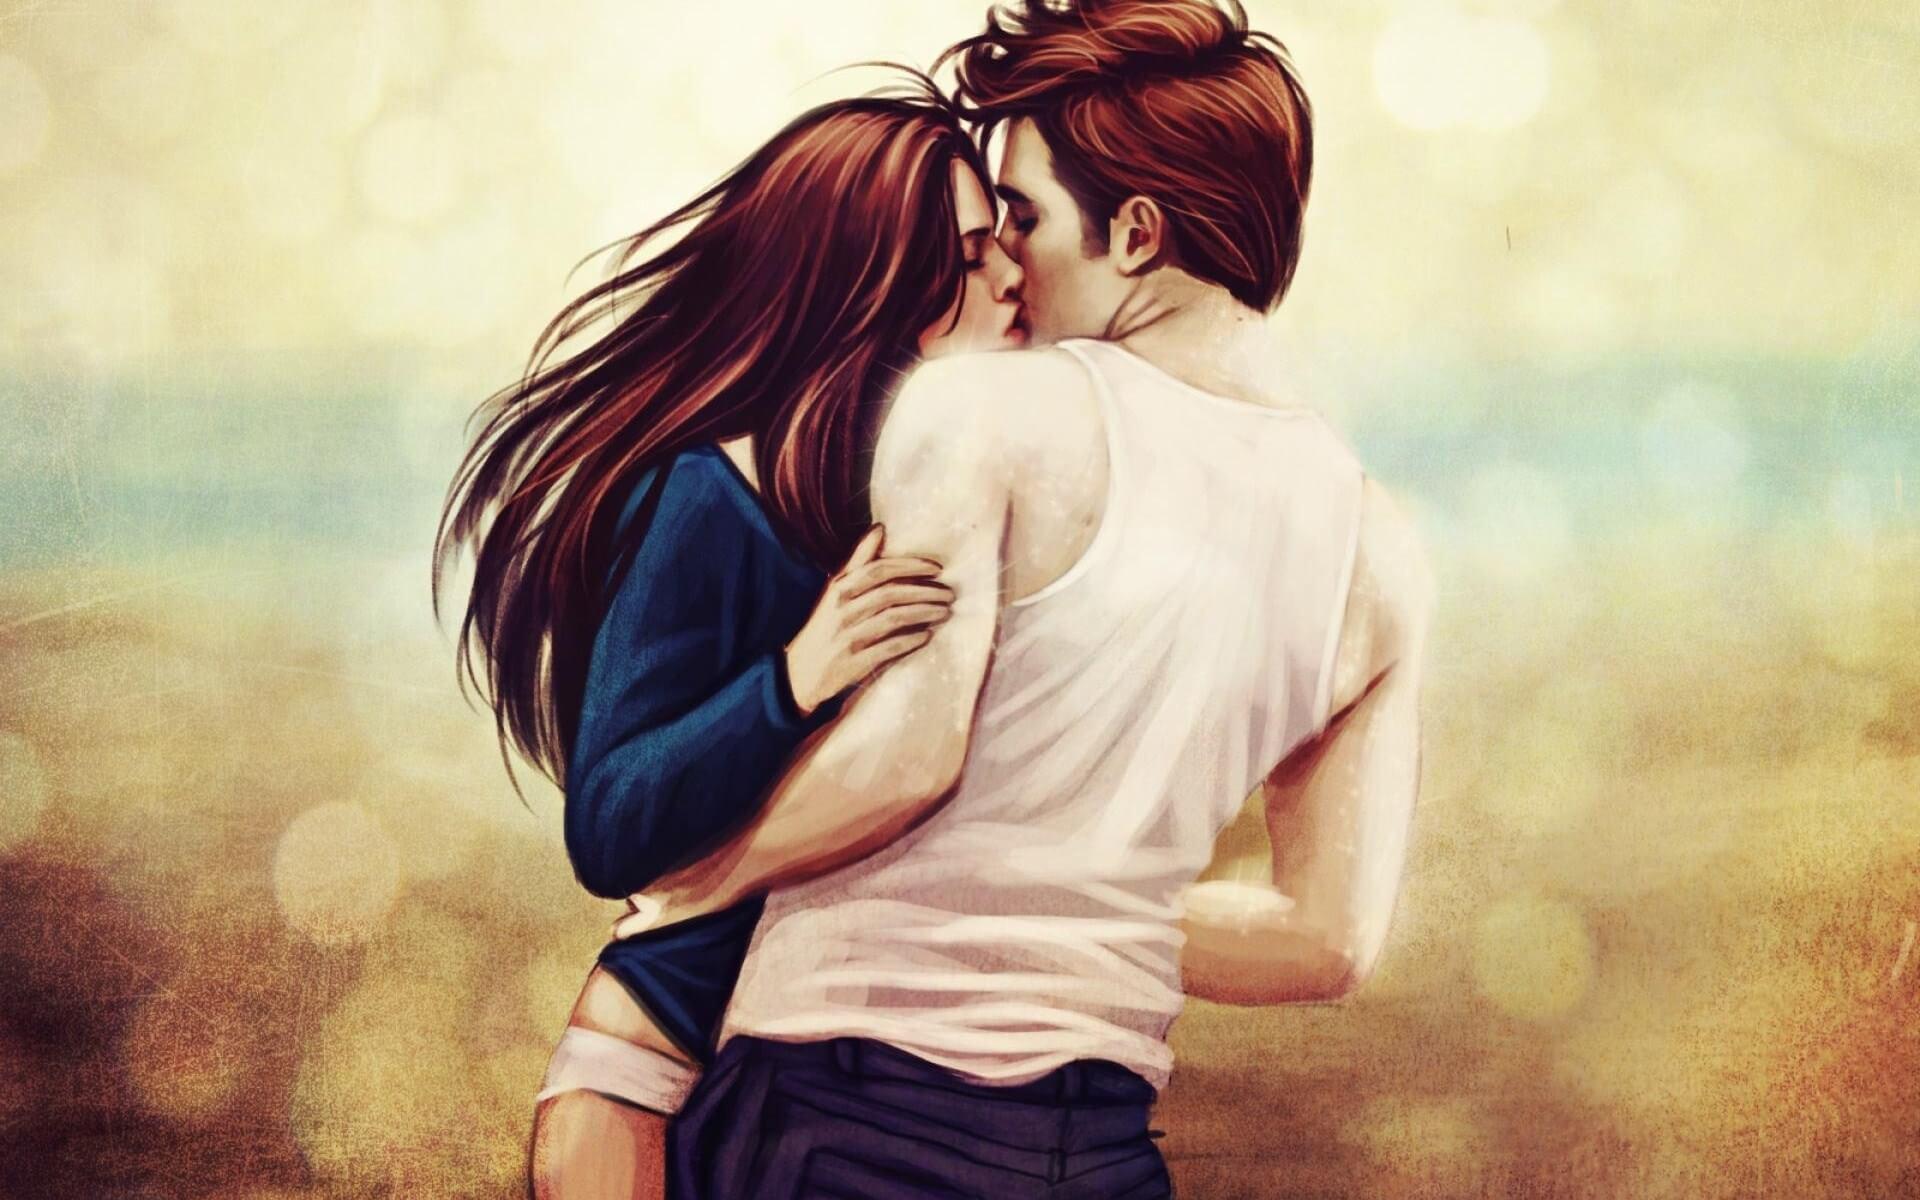 Арт картинки про любовь и отношения - подборка (27 фото) 19